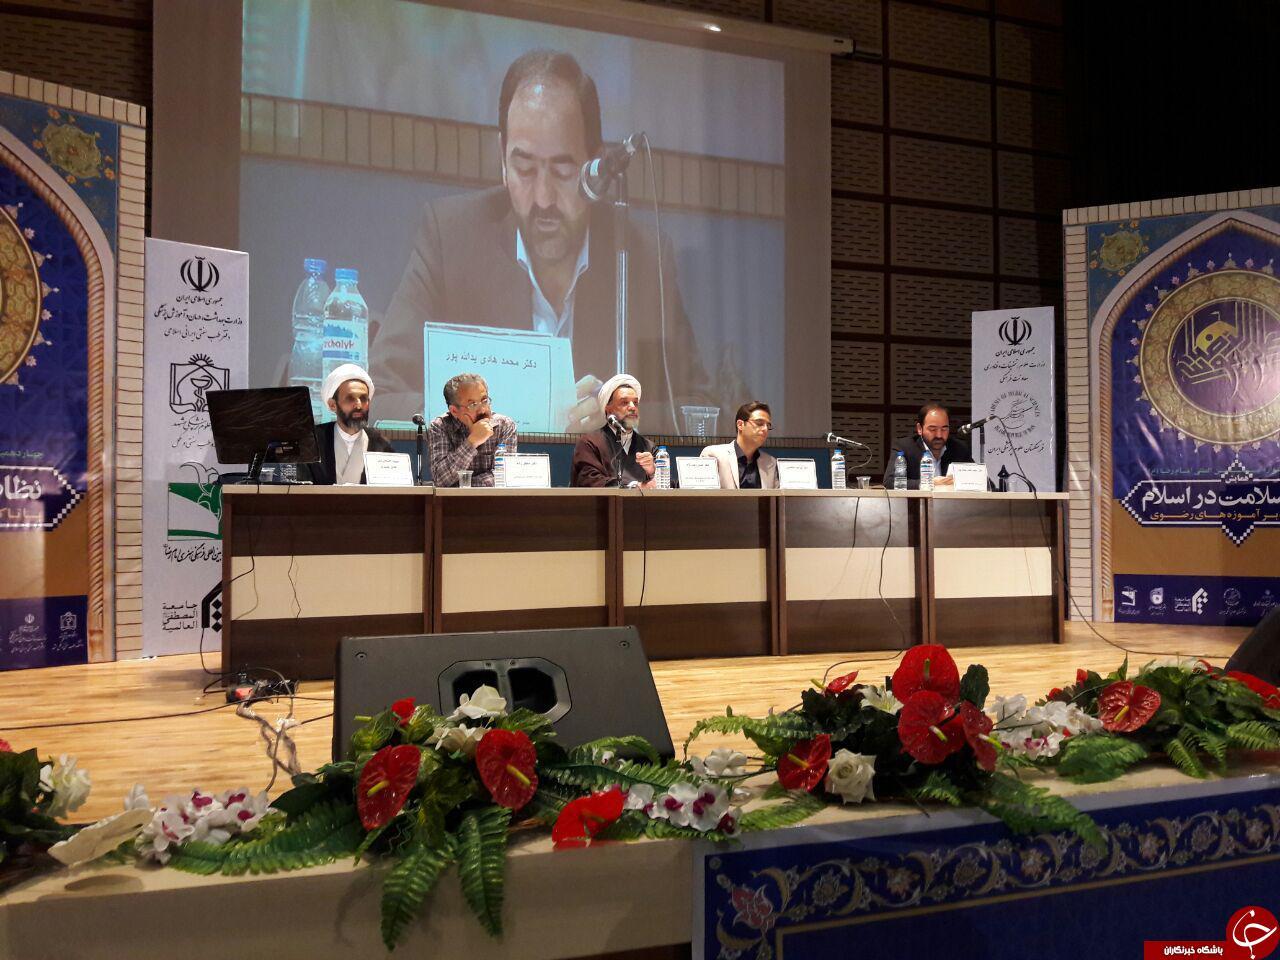 برگزاری همایش نظام سلامت در اسلام با تاکید بر آموزه های رضوی در مشهد